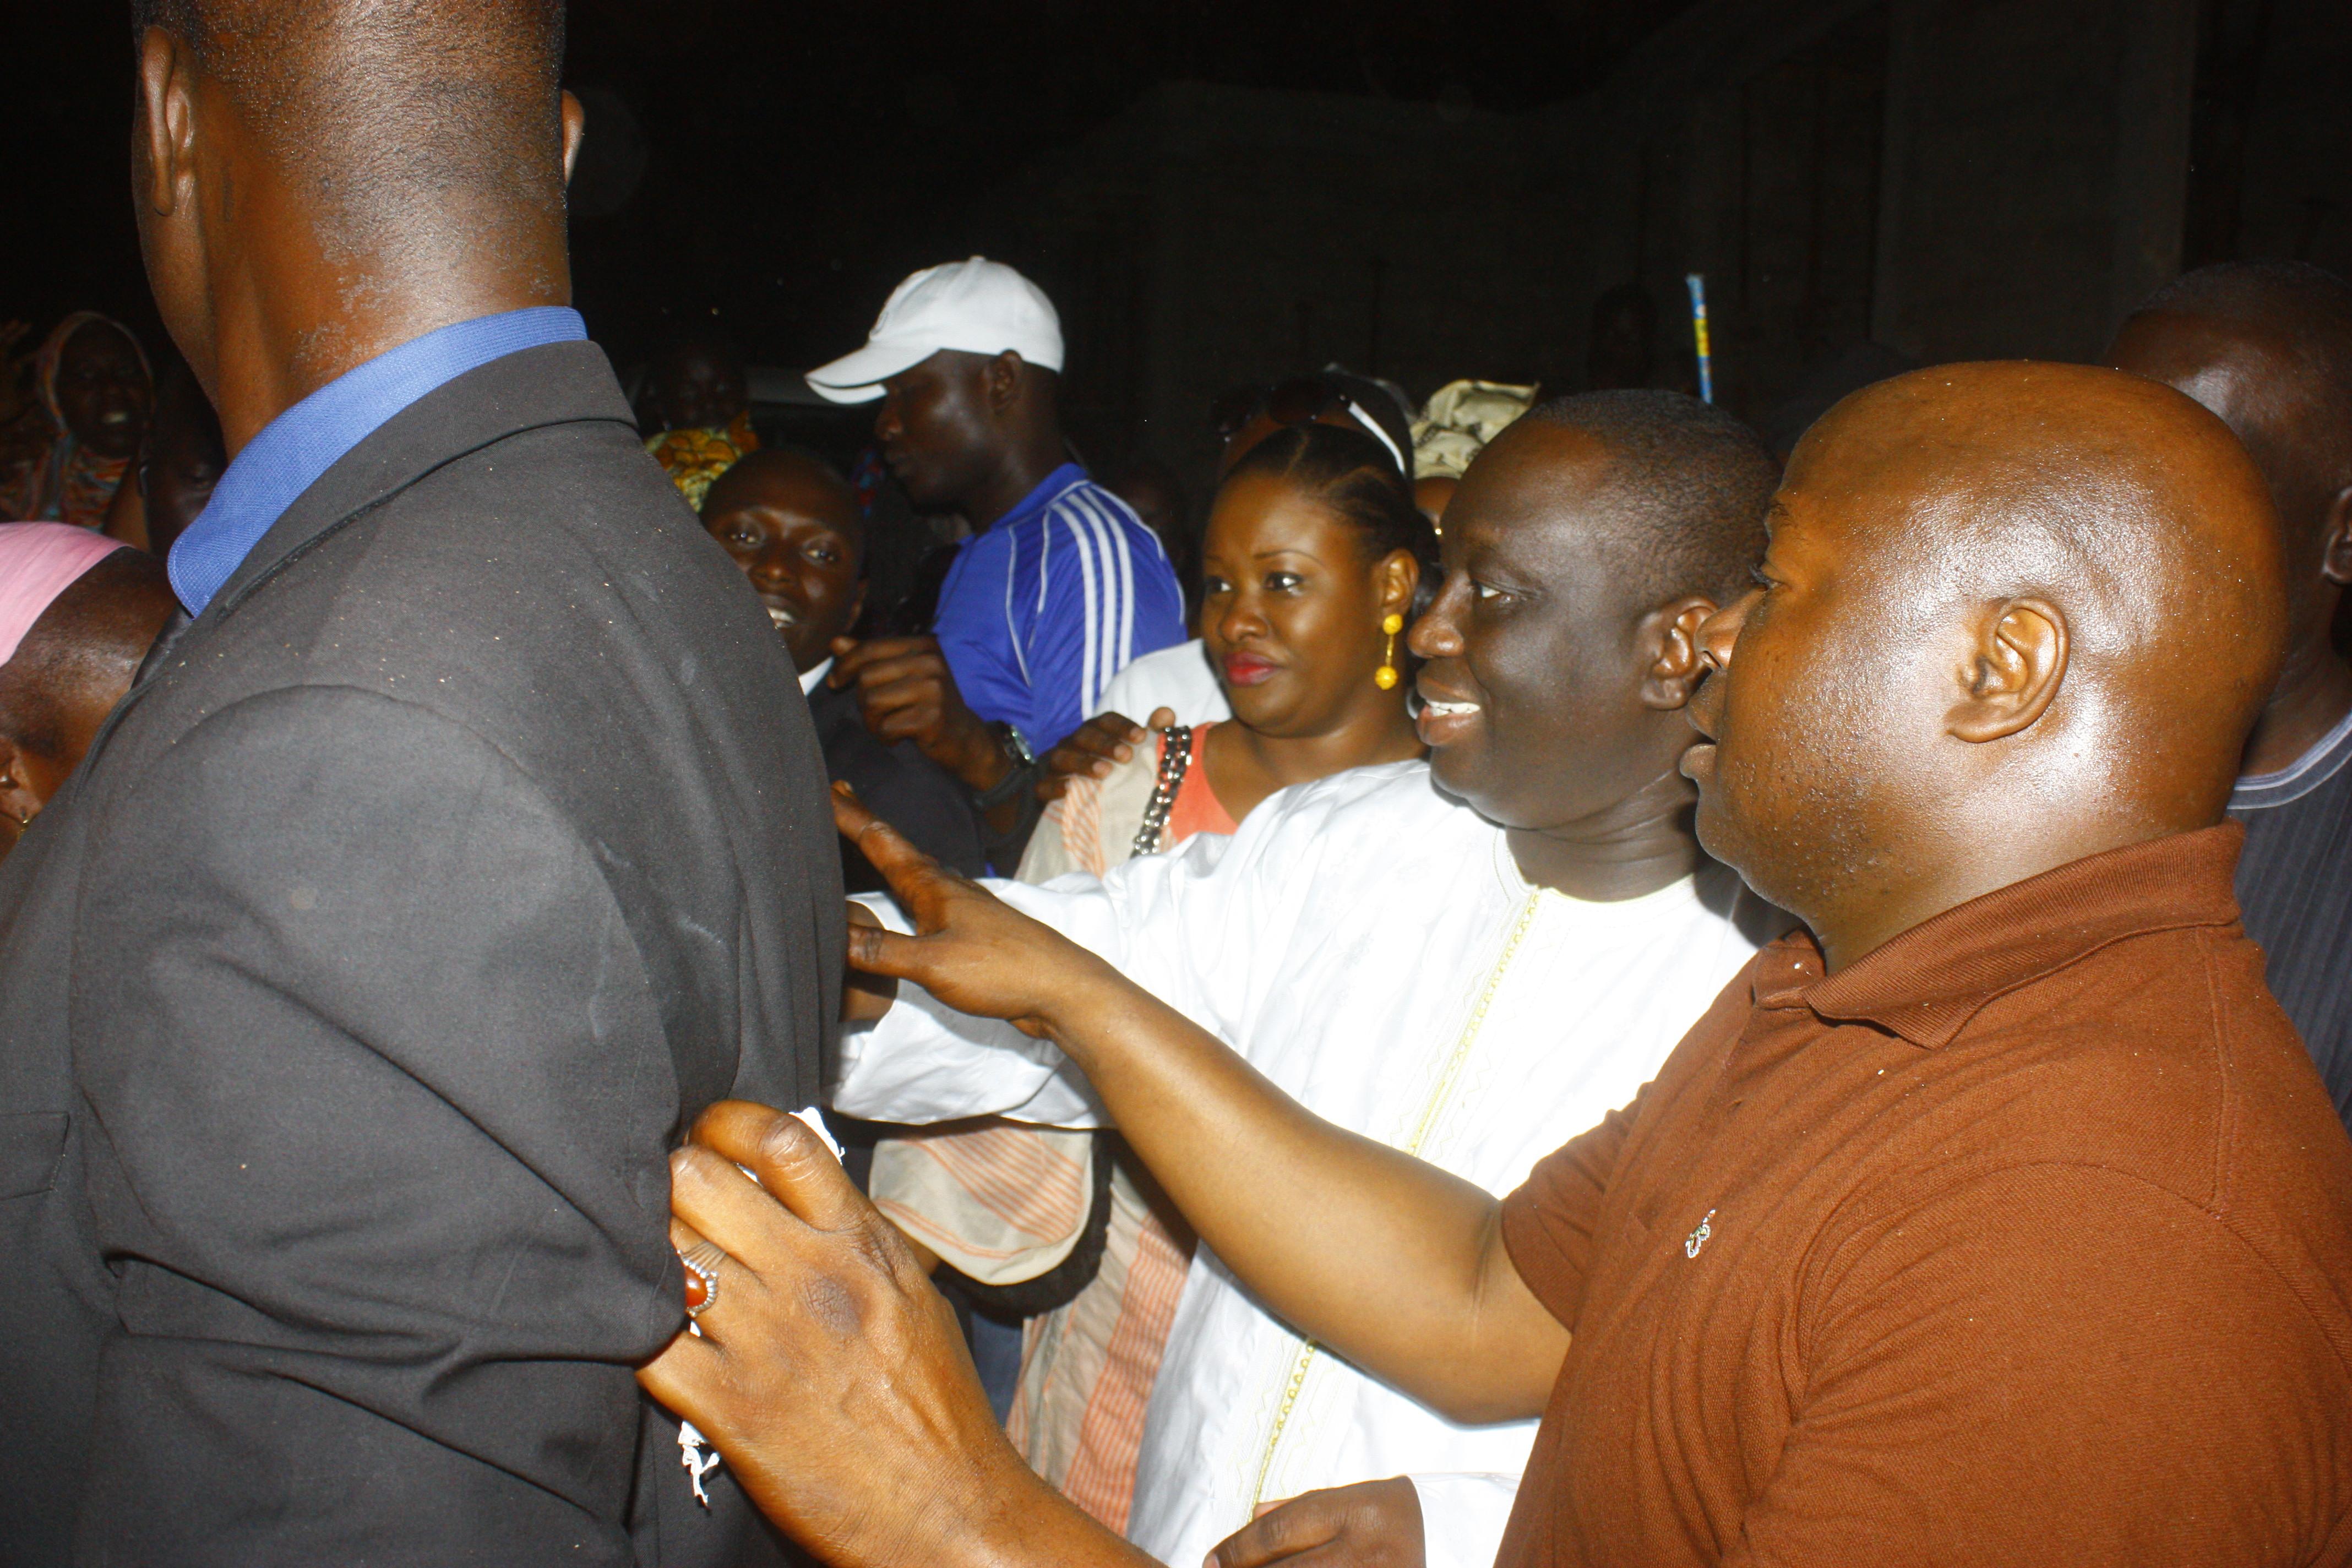 Les habitants de Guediawaye fêtent la victoire d'Aliou SALL chez lui à la cité Alioune SOW